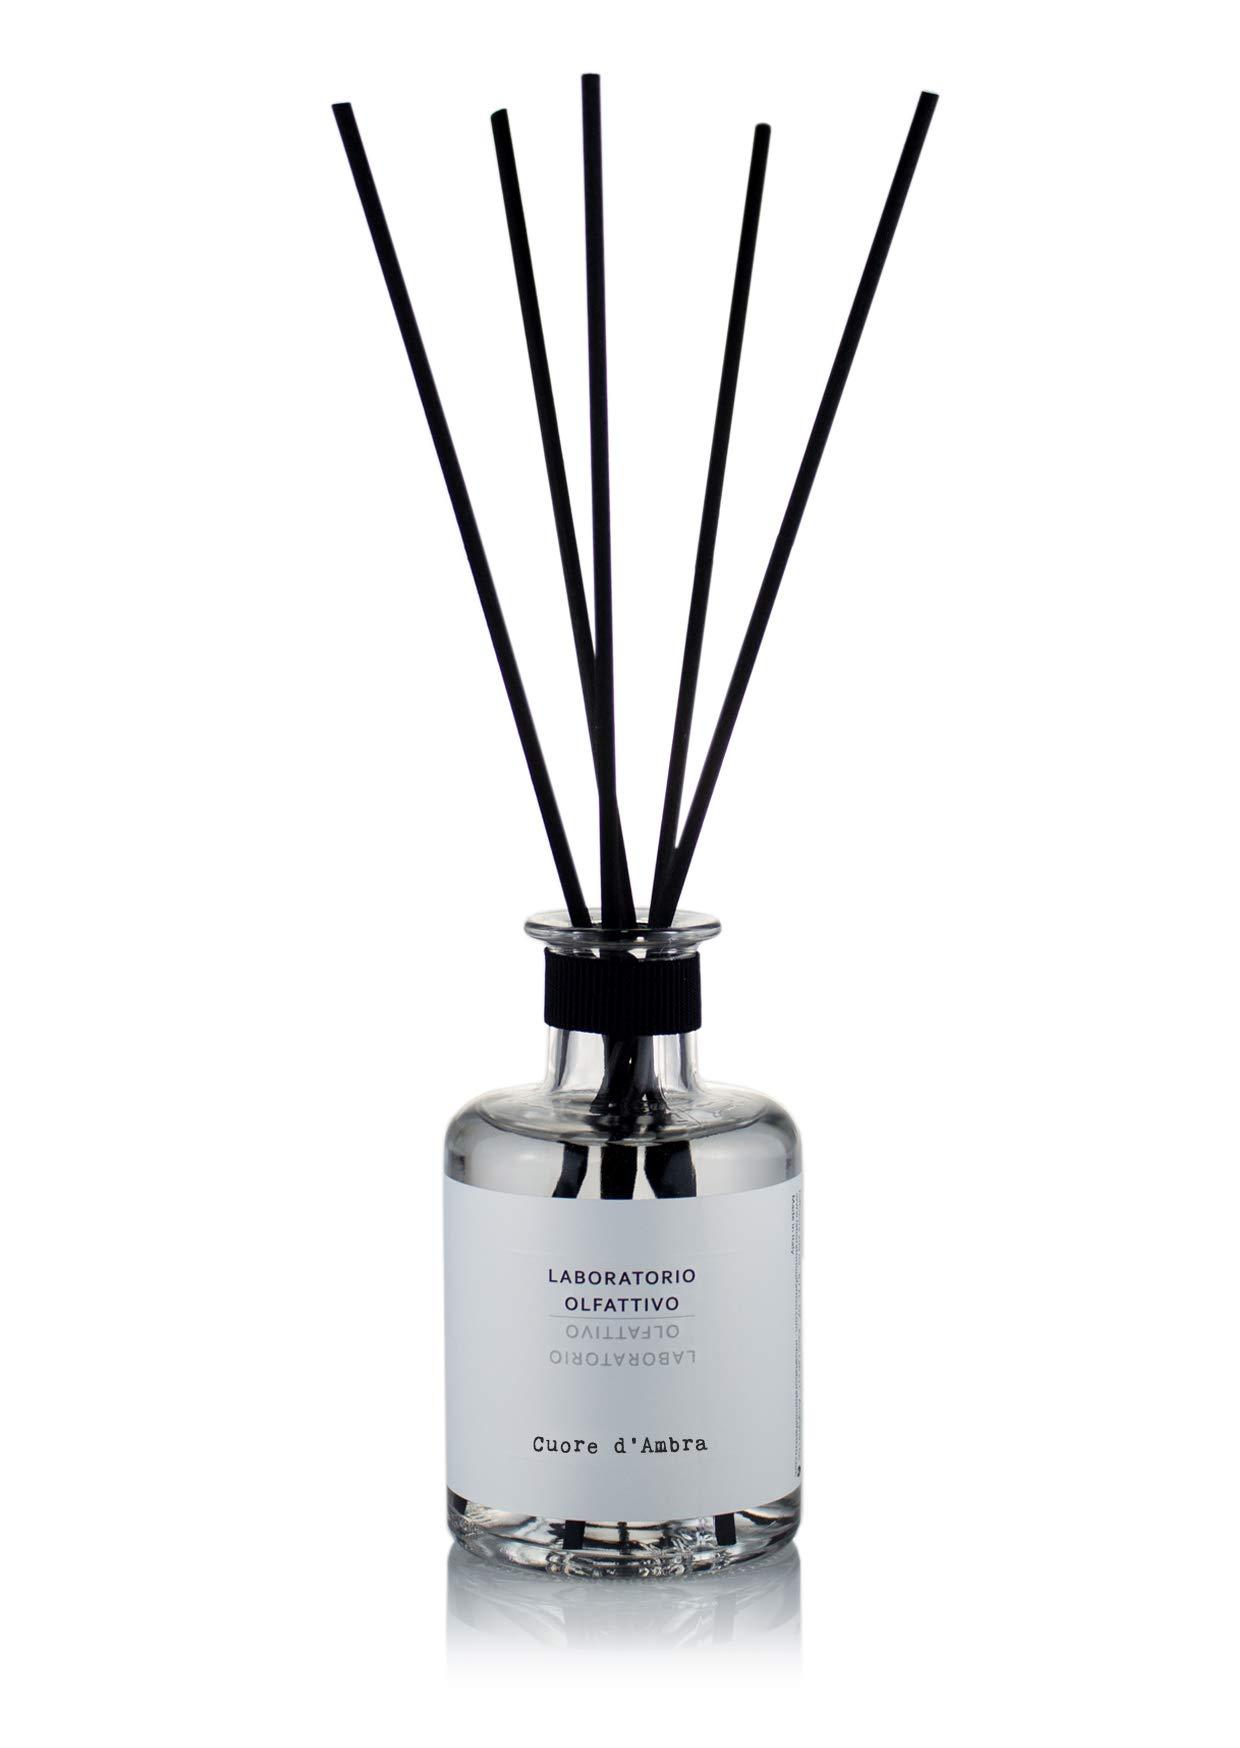 Laboratorio Olfattivo Fragrance Diffuser Cuore d'Ambra 200mL